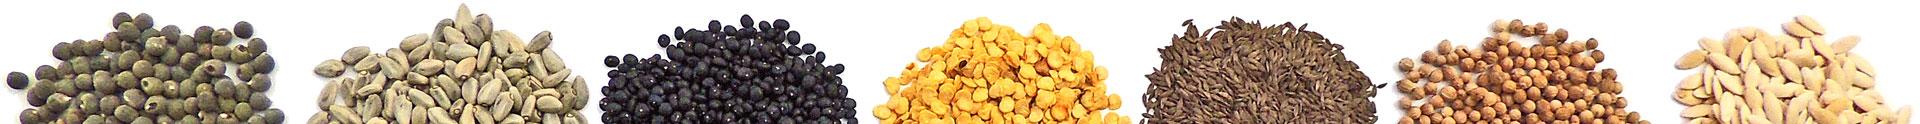 crop seeds